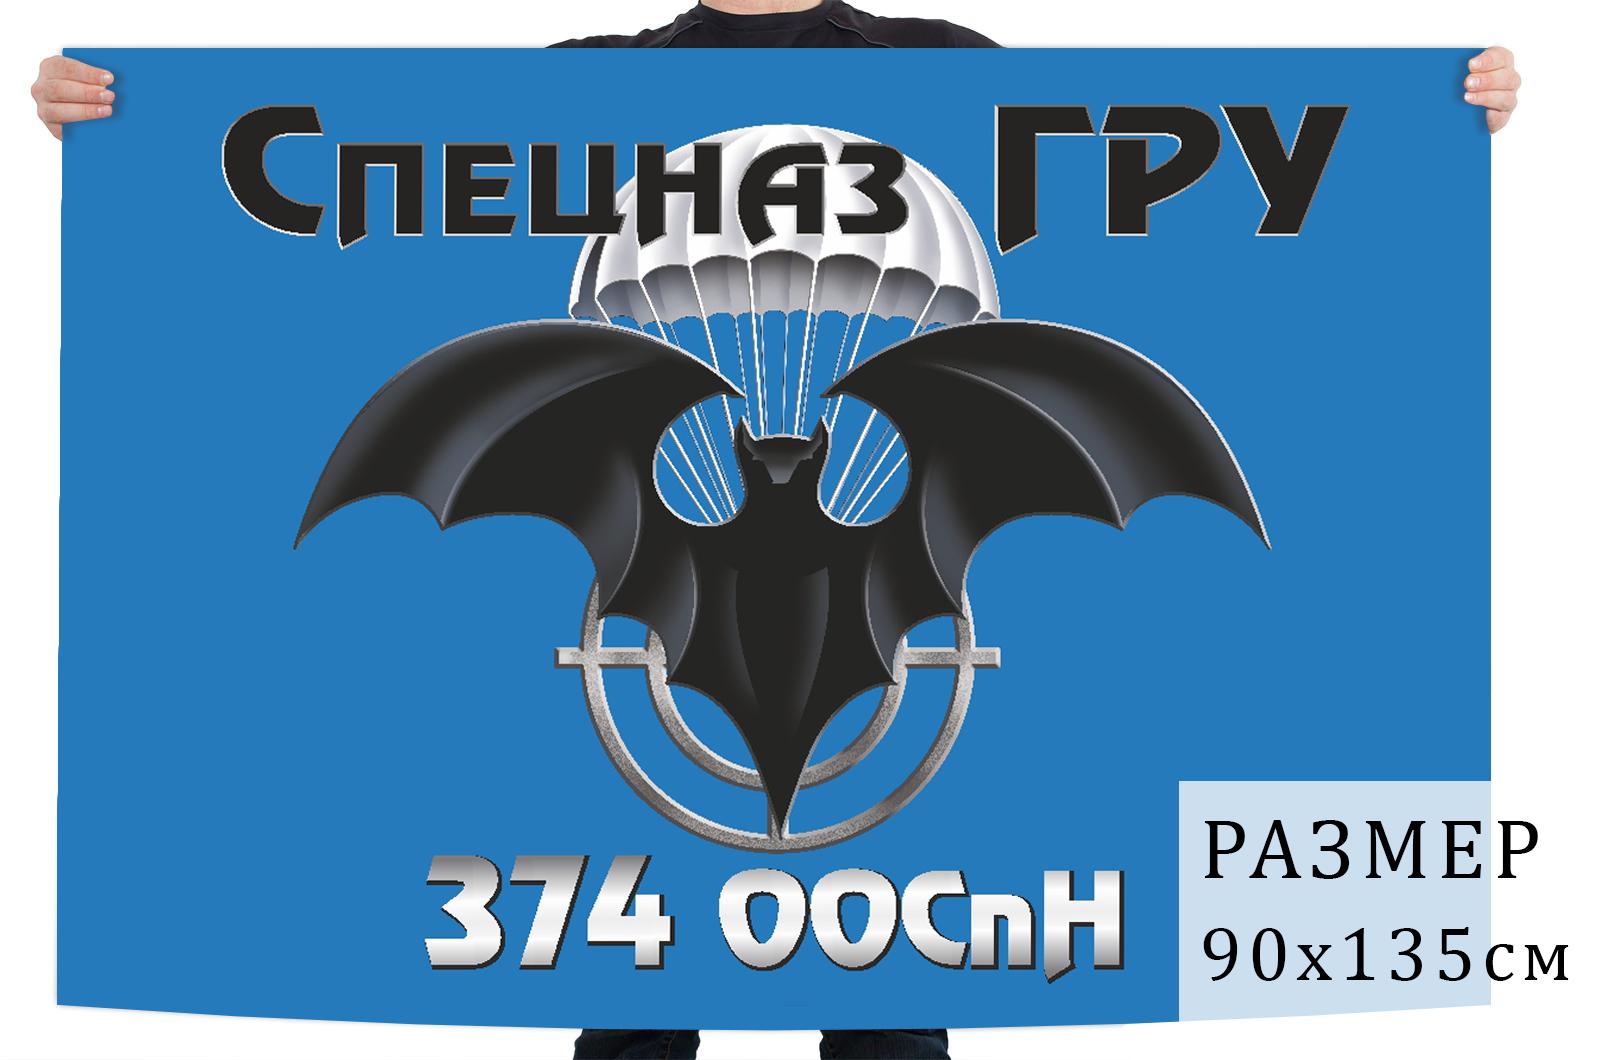 Флаг 374 ООСпН военной разведки